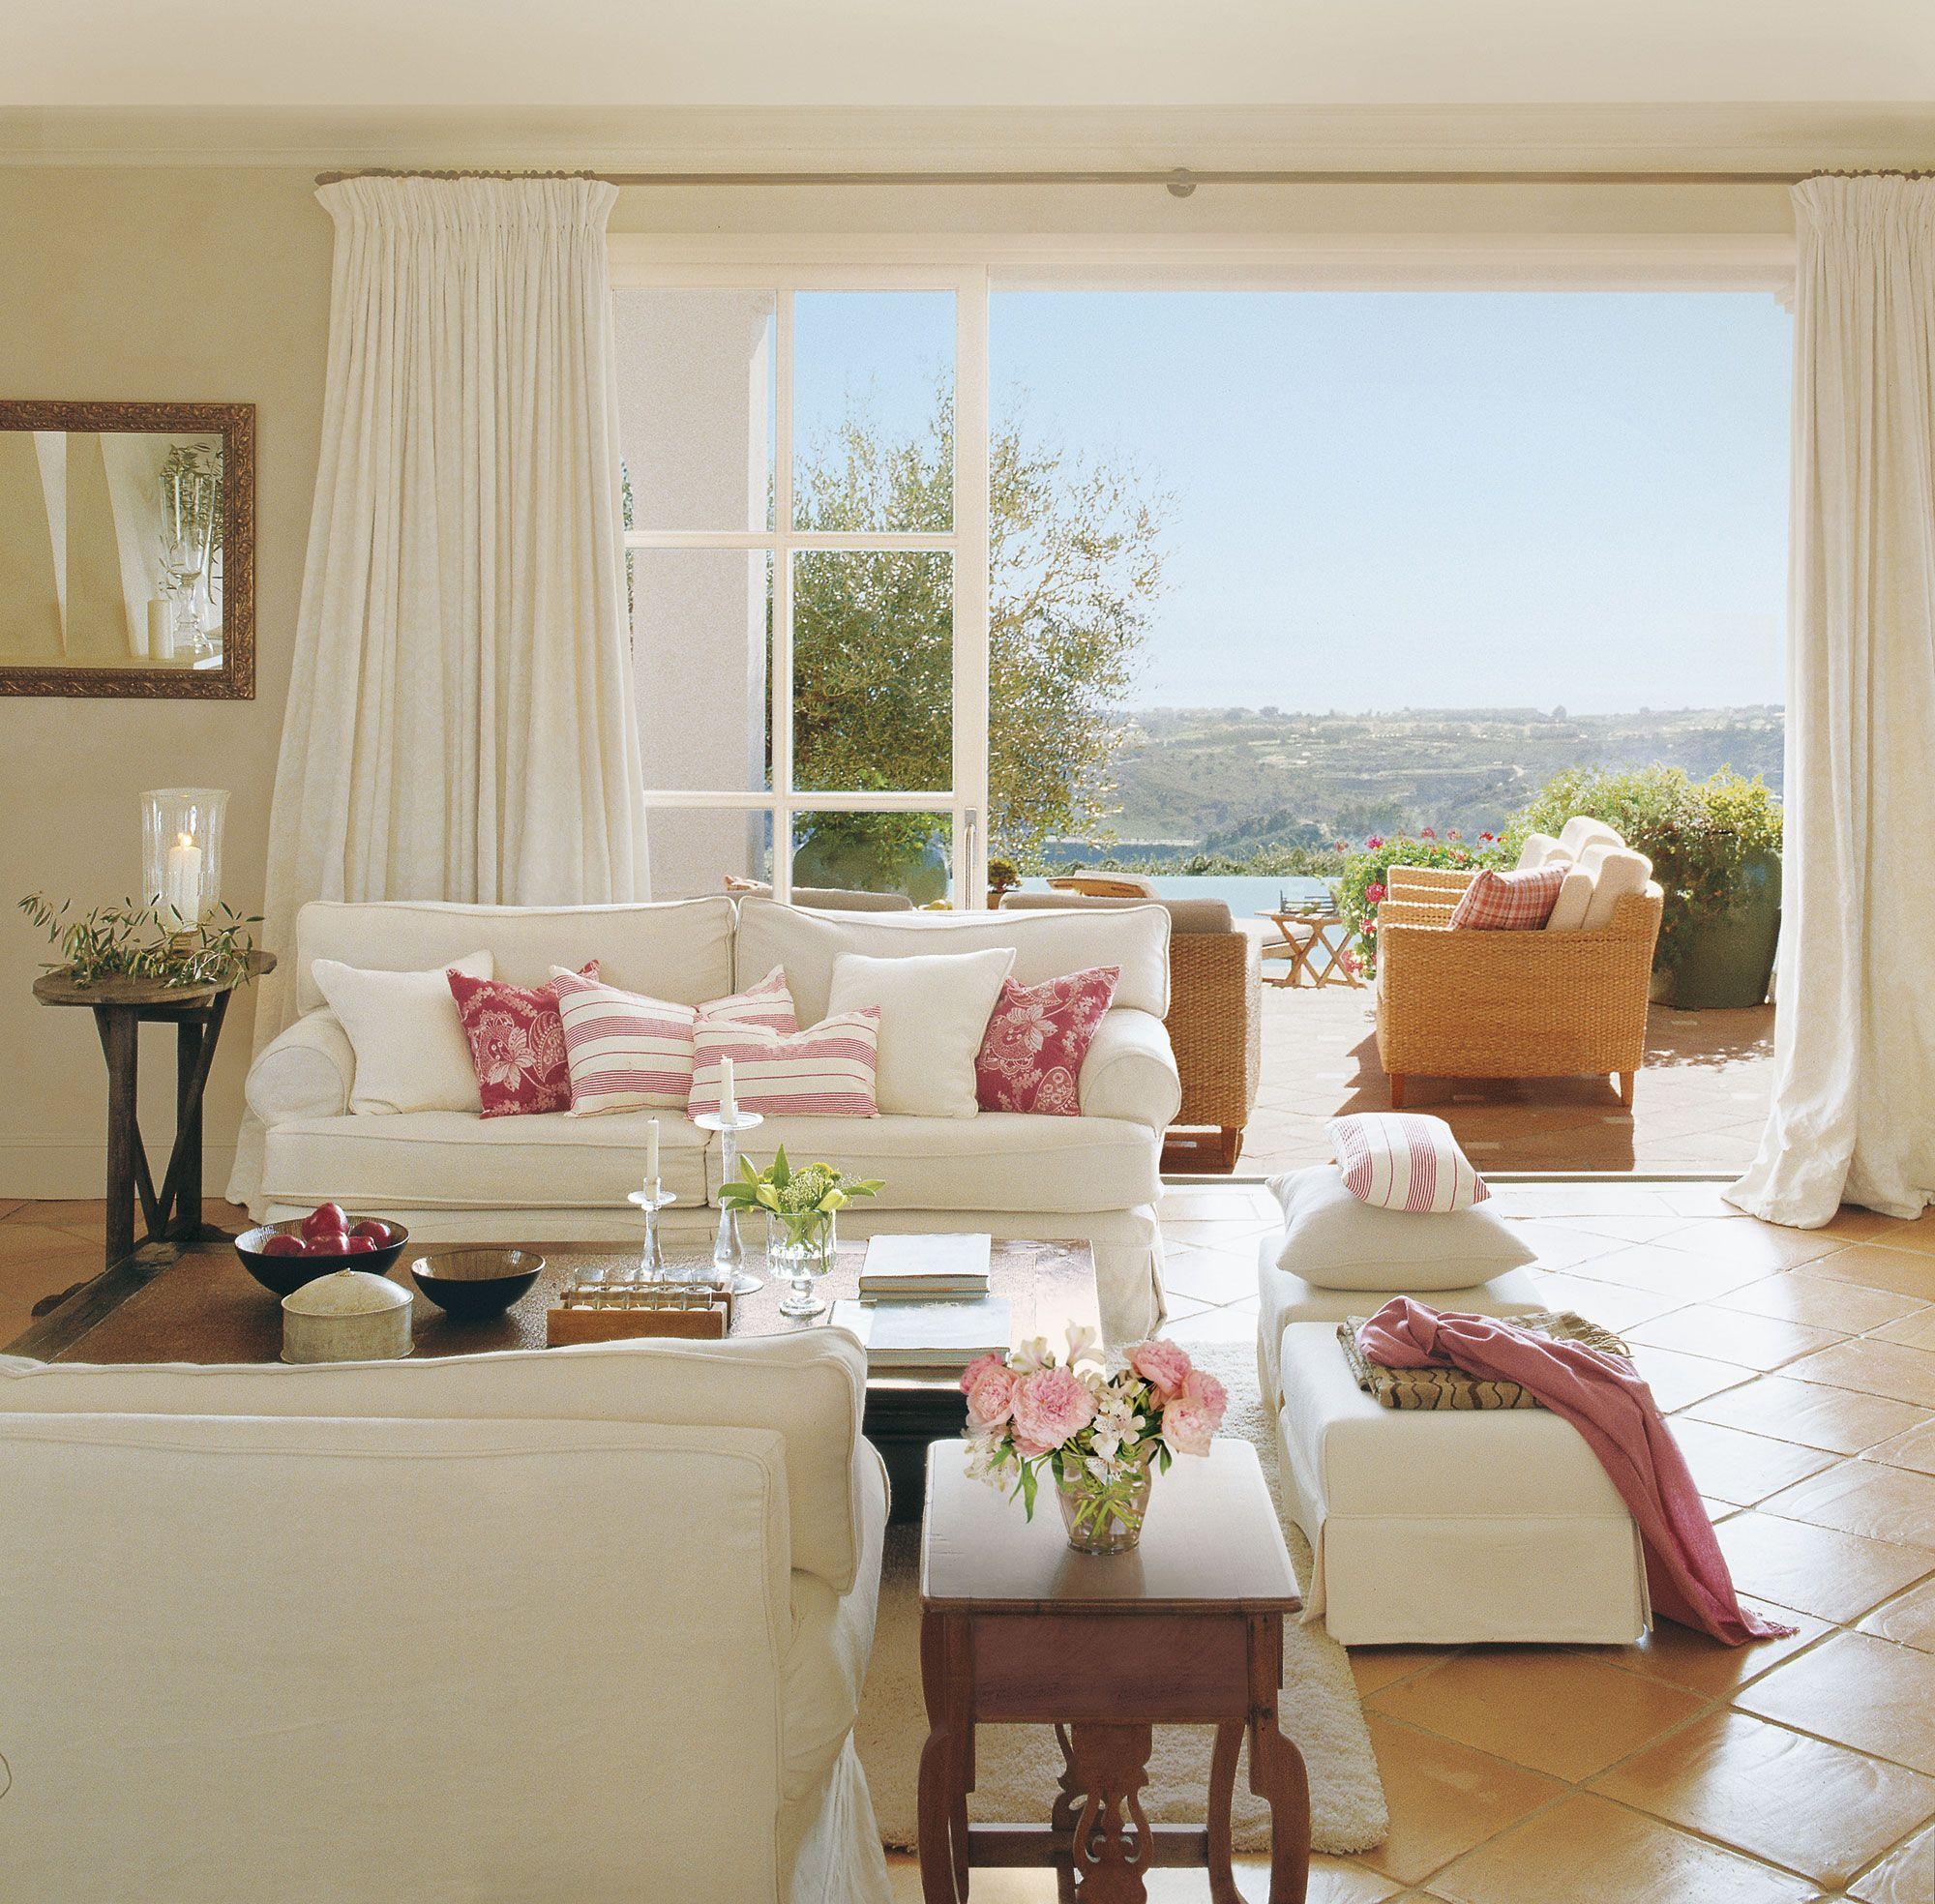 Sal N En Blanco Y Fresa Con Suelo De Terrazo Y Salida A La Terraza  # Muebles Mio Suecos